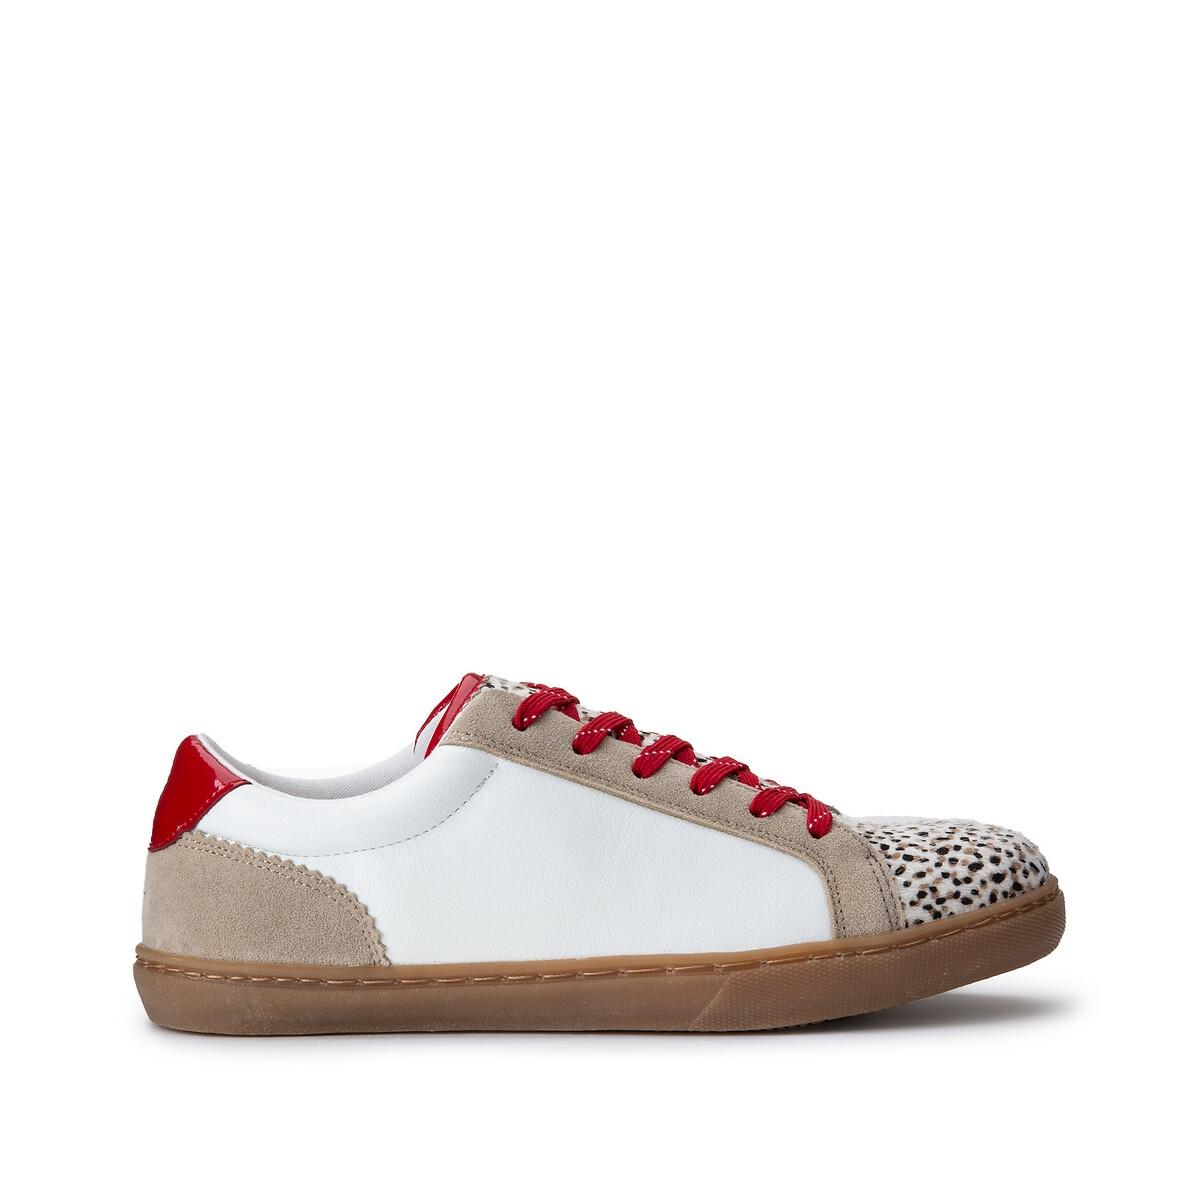 Кеды LaRedoute На шнуровке с контрастной расцветкой 39 белый кеды laredoute высокие тканевые на шнуровке 39 белый